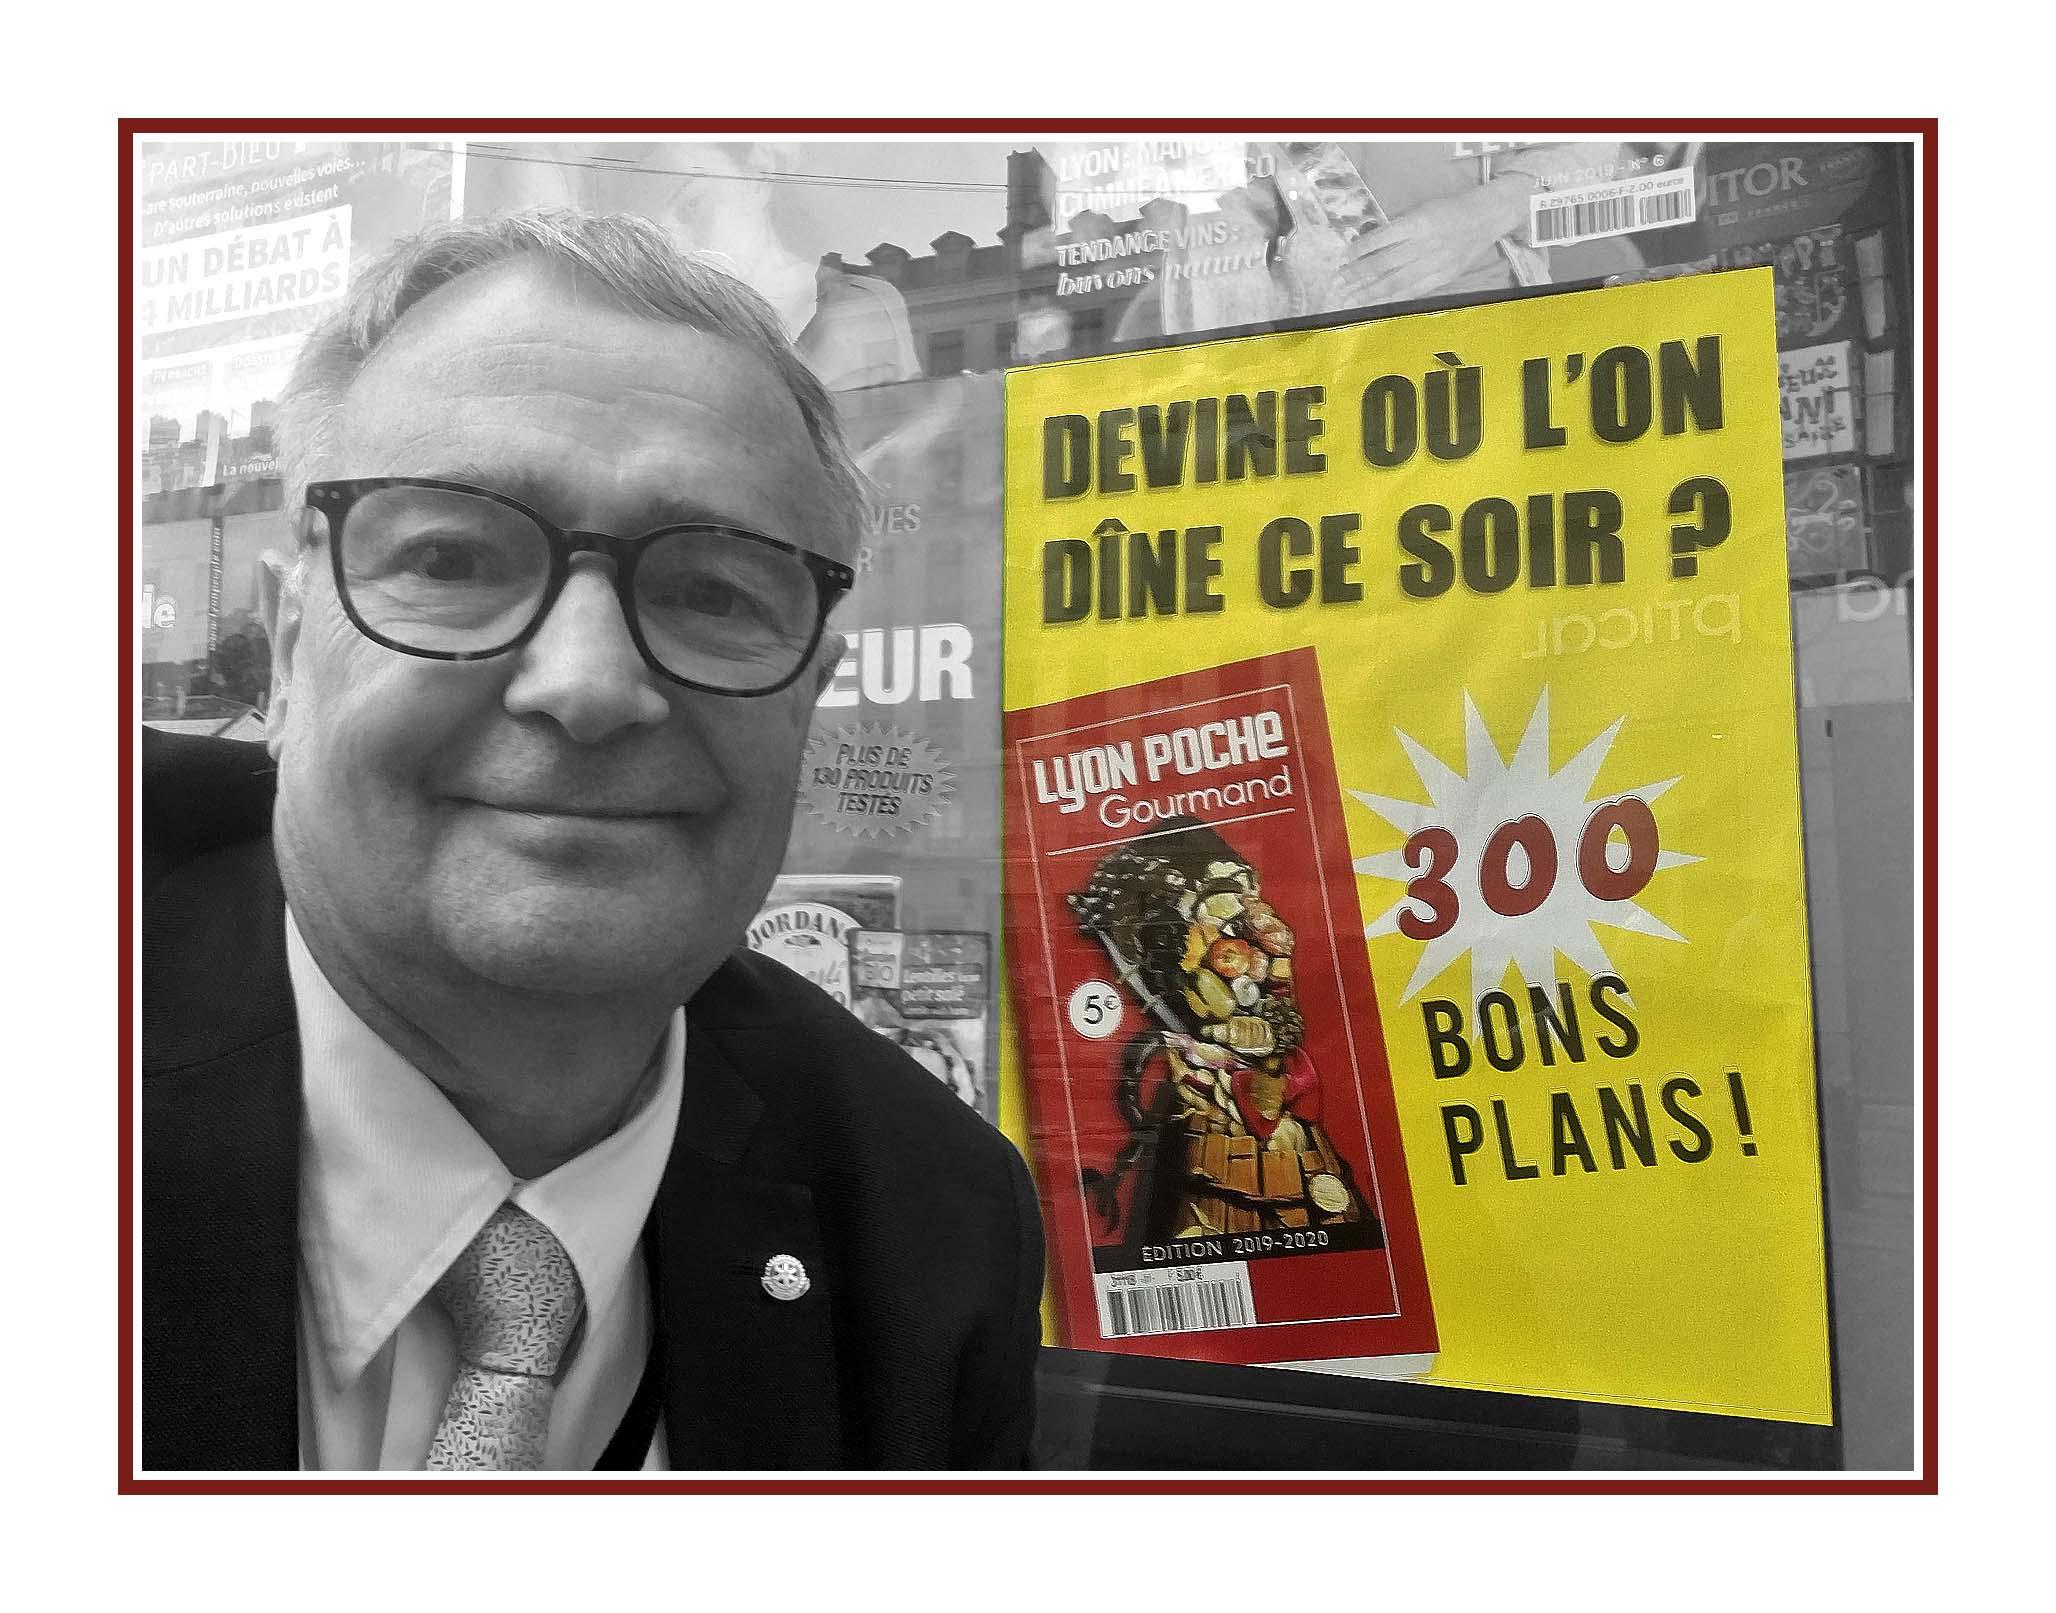 MG Michel Lyon Poche Guide__6227